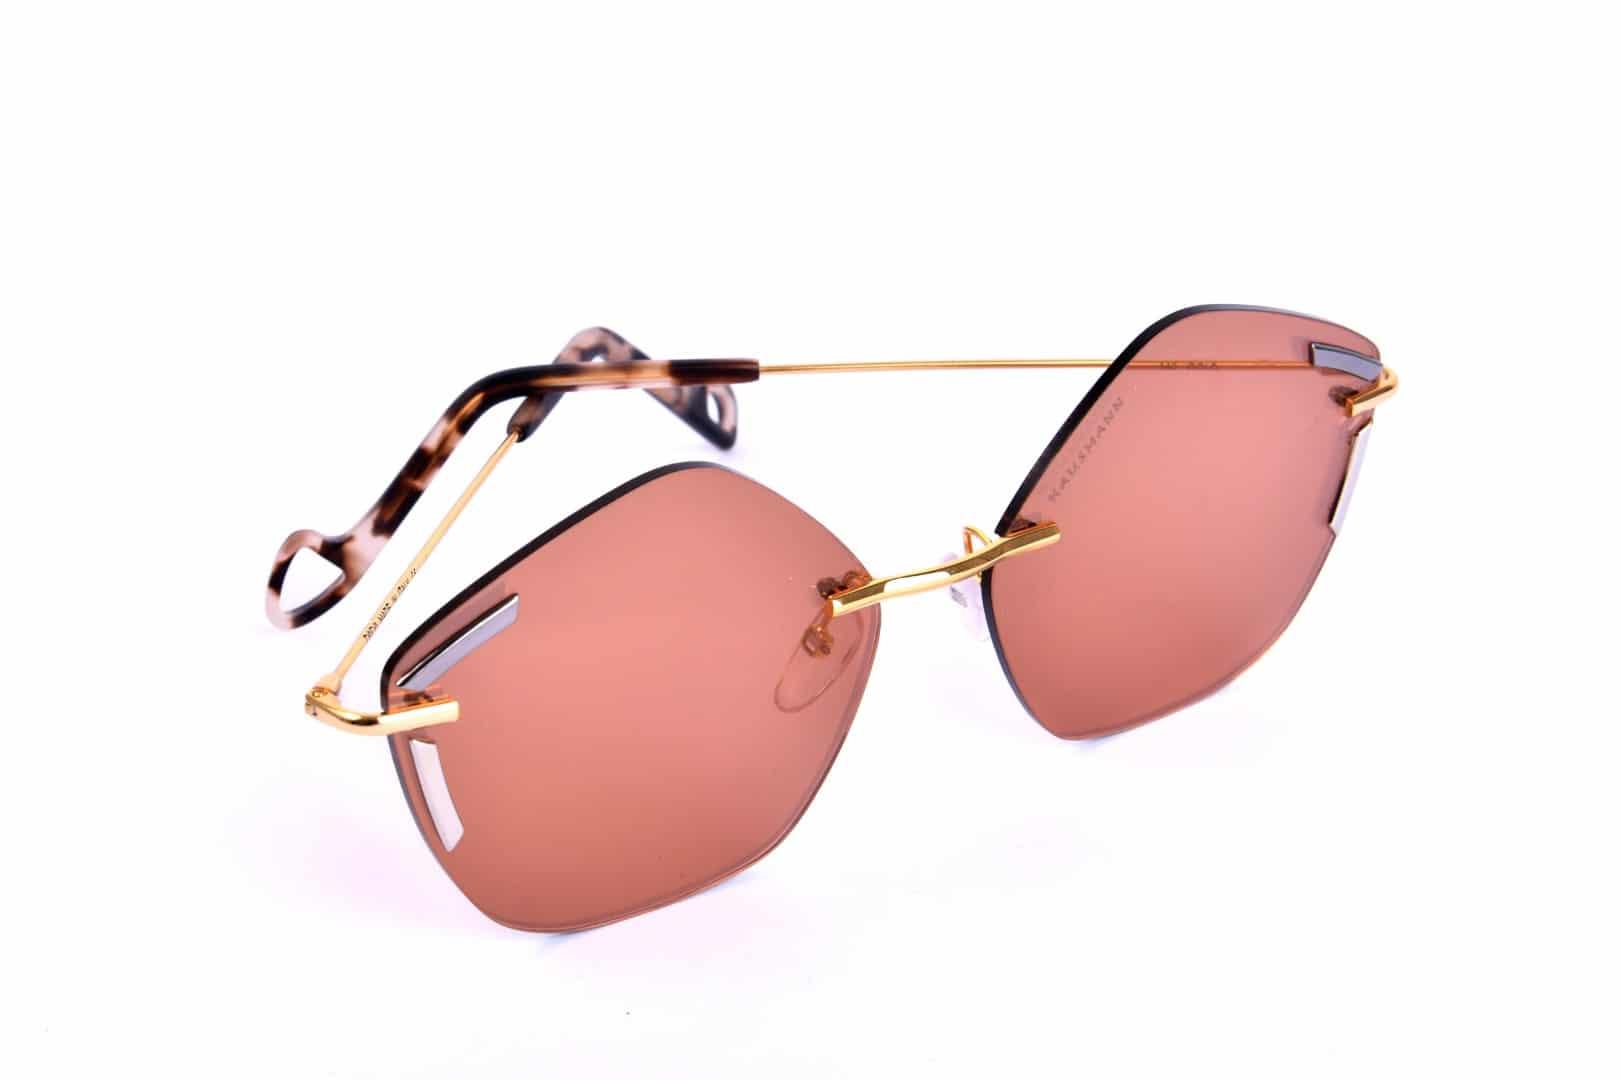 משקפי שמש צבעוניים - אופטיקה יפעת, אופטומטריסטית מוסמכת בנתניה